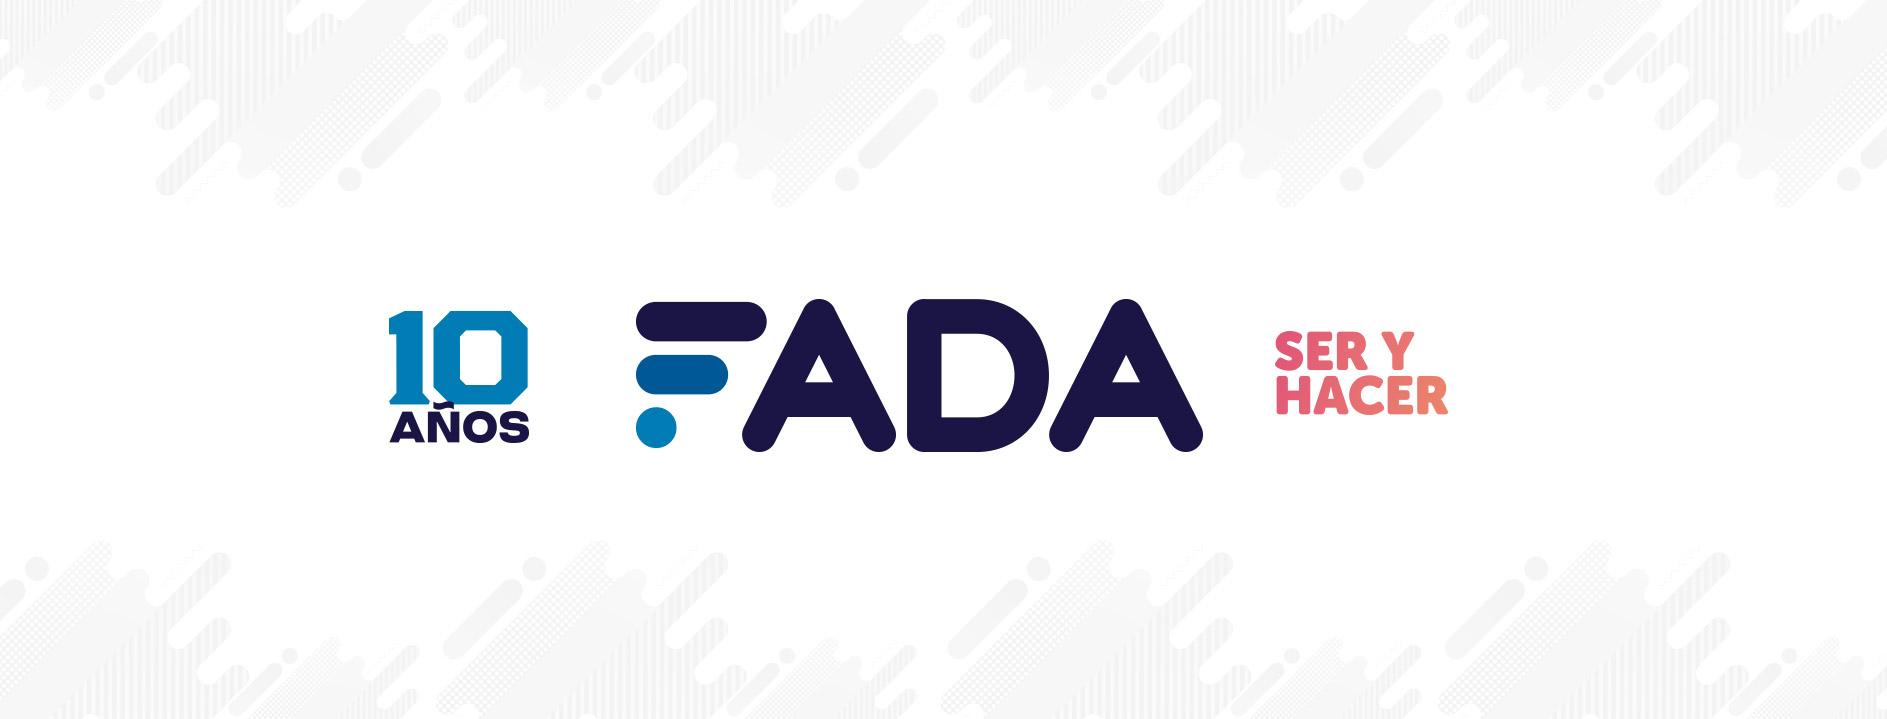 10 años FADA – Reviví los videos que resumen su historia y espíritu